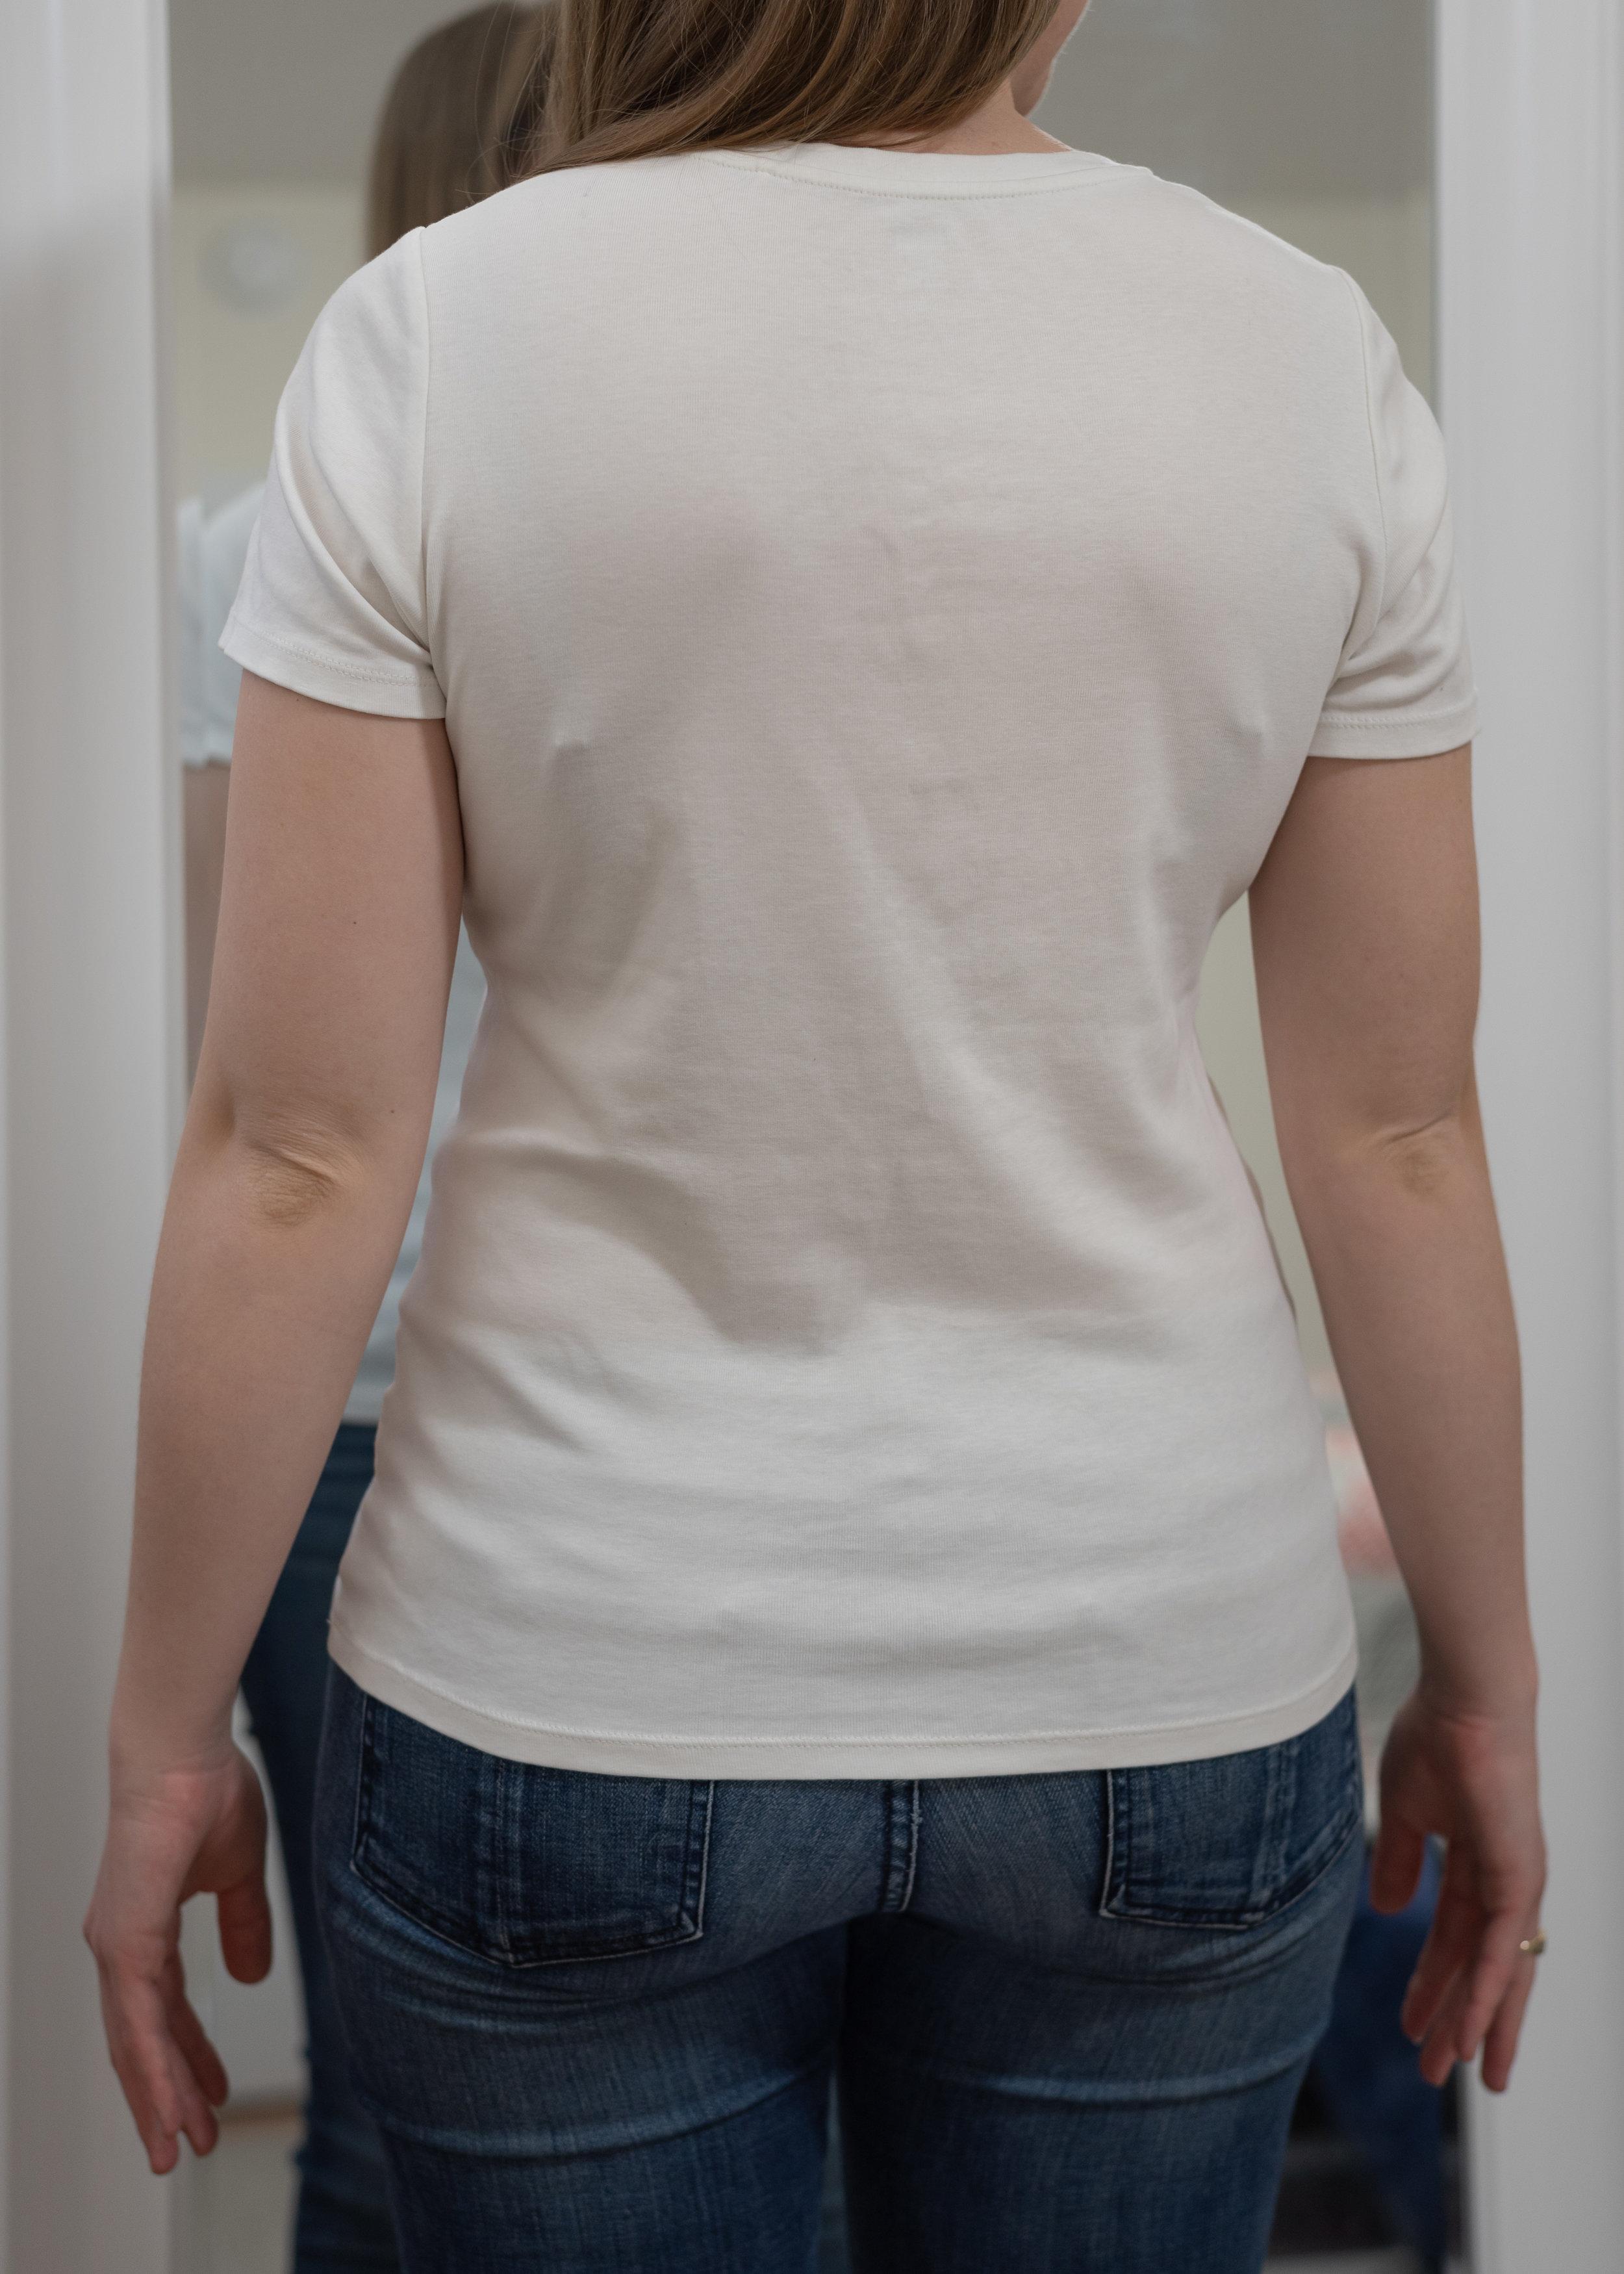 Uniqlo Women's Supima® Cotton V-Neck T-Shirt - Size Small